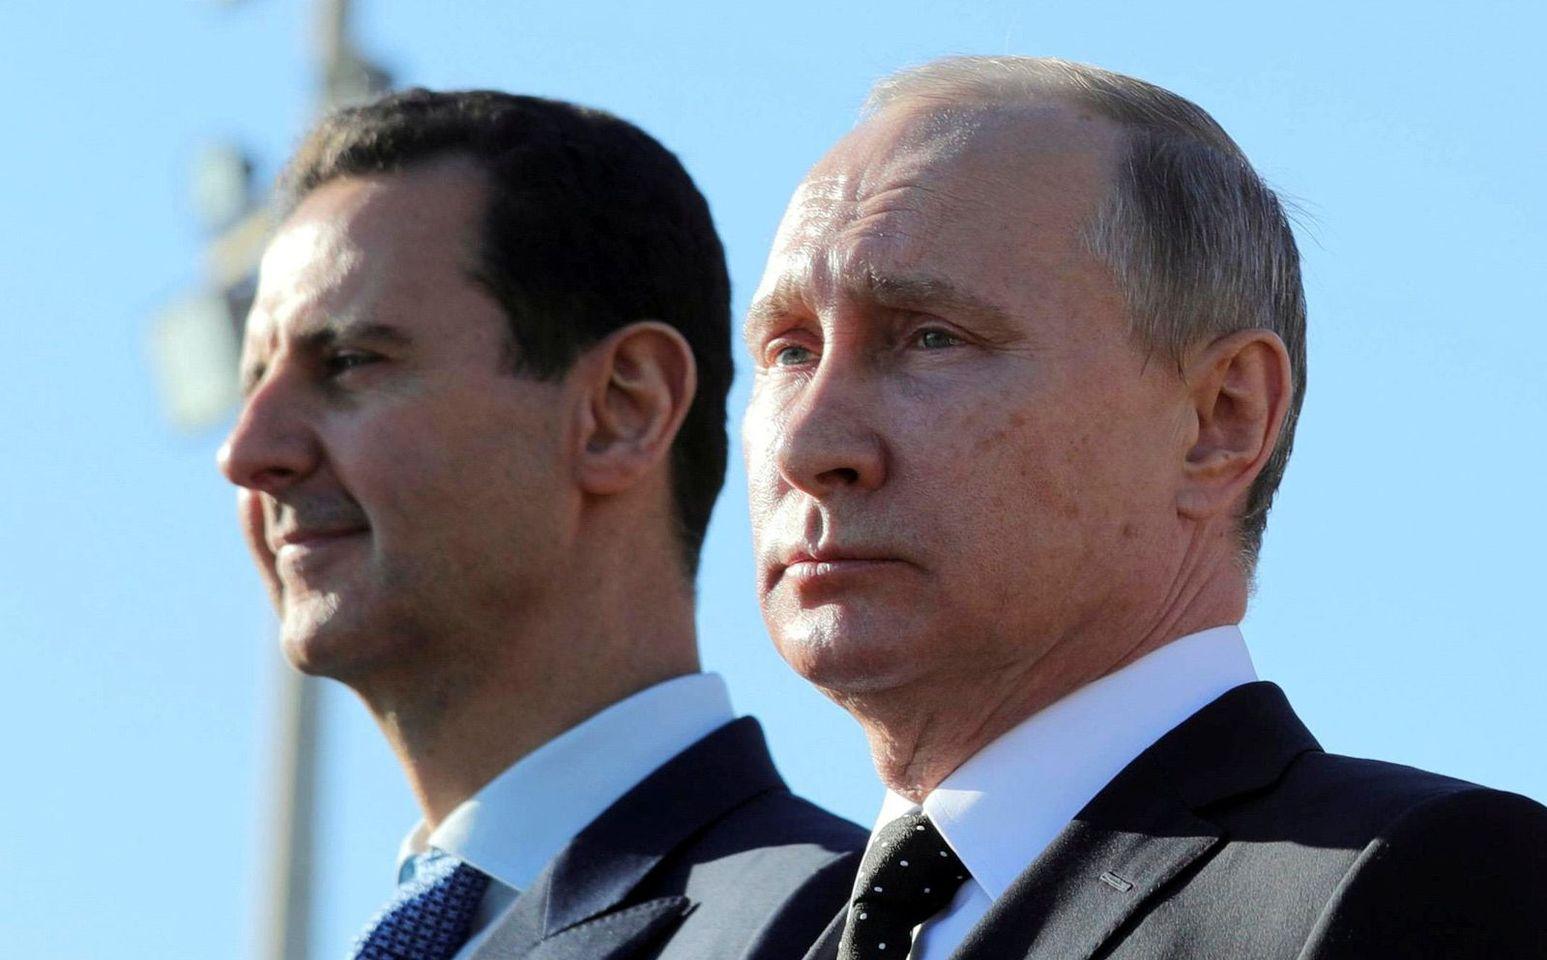 الرئيس الأسد يطلع بوتين على الاستعدادات للانتخابات الرئاسية المقرر إجراؤها في ايار القادم في سوريا